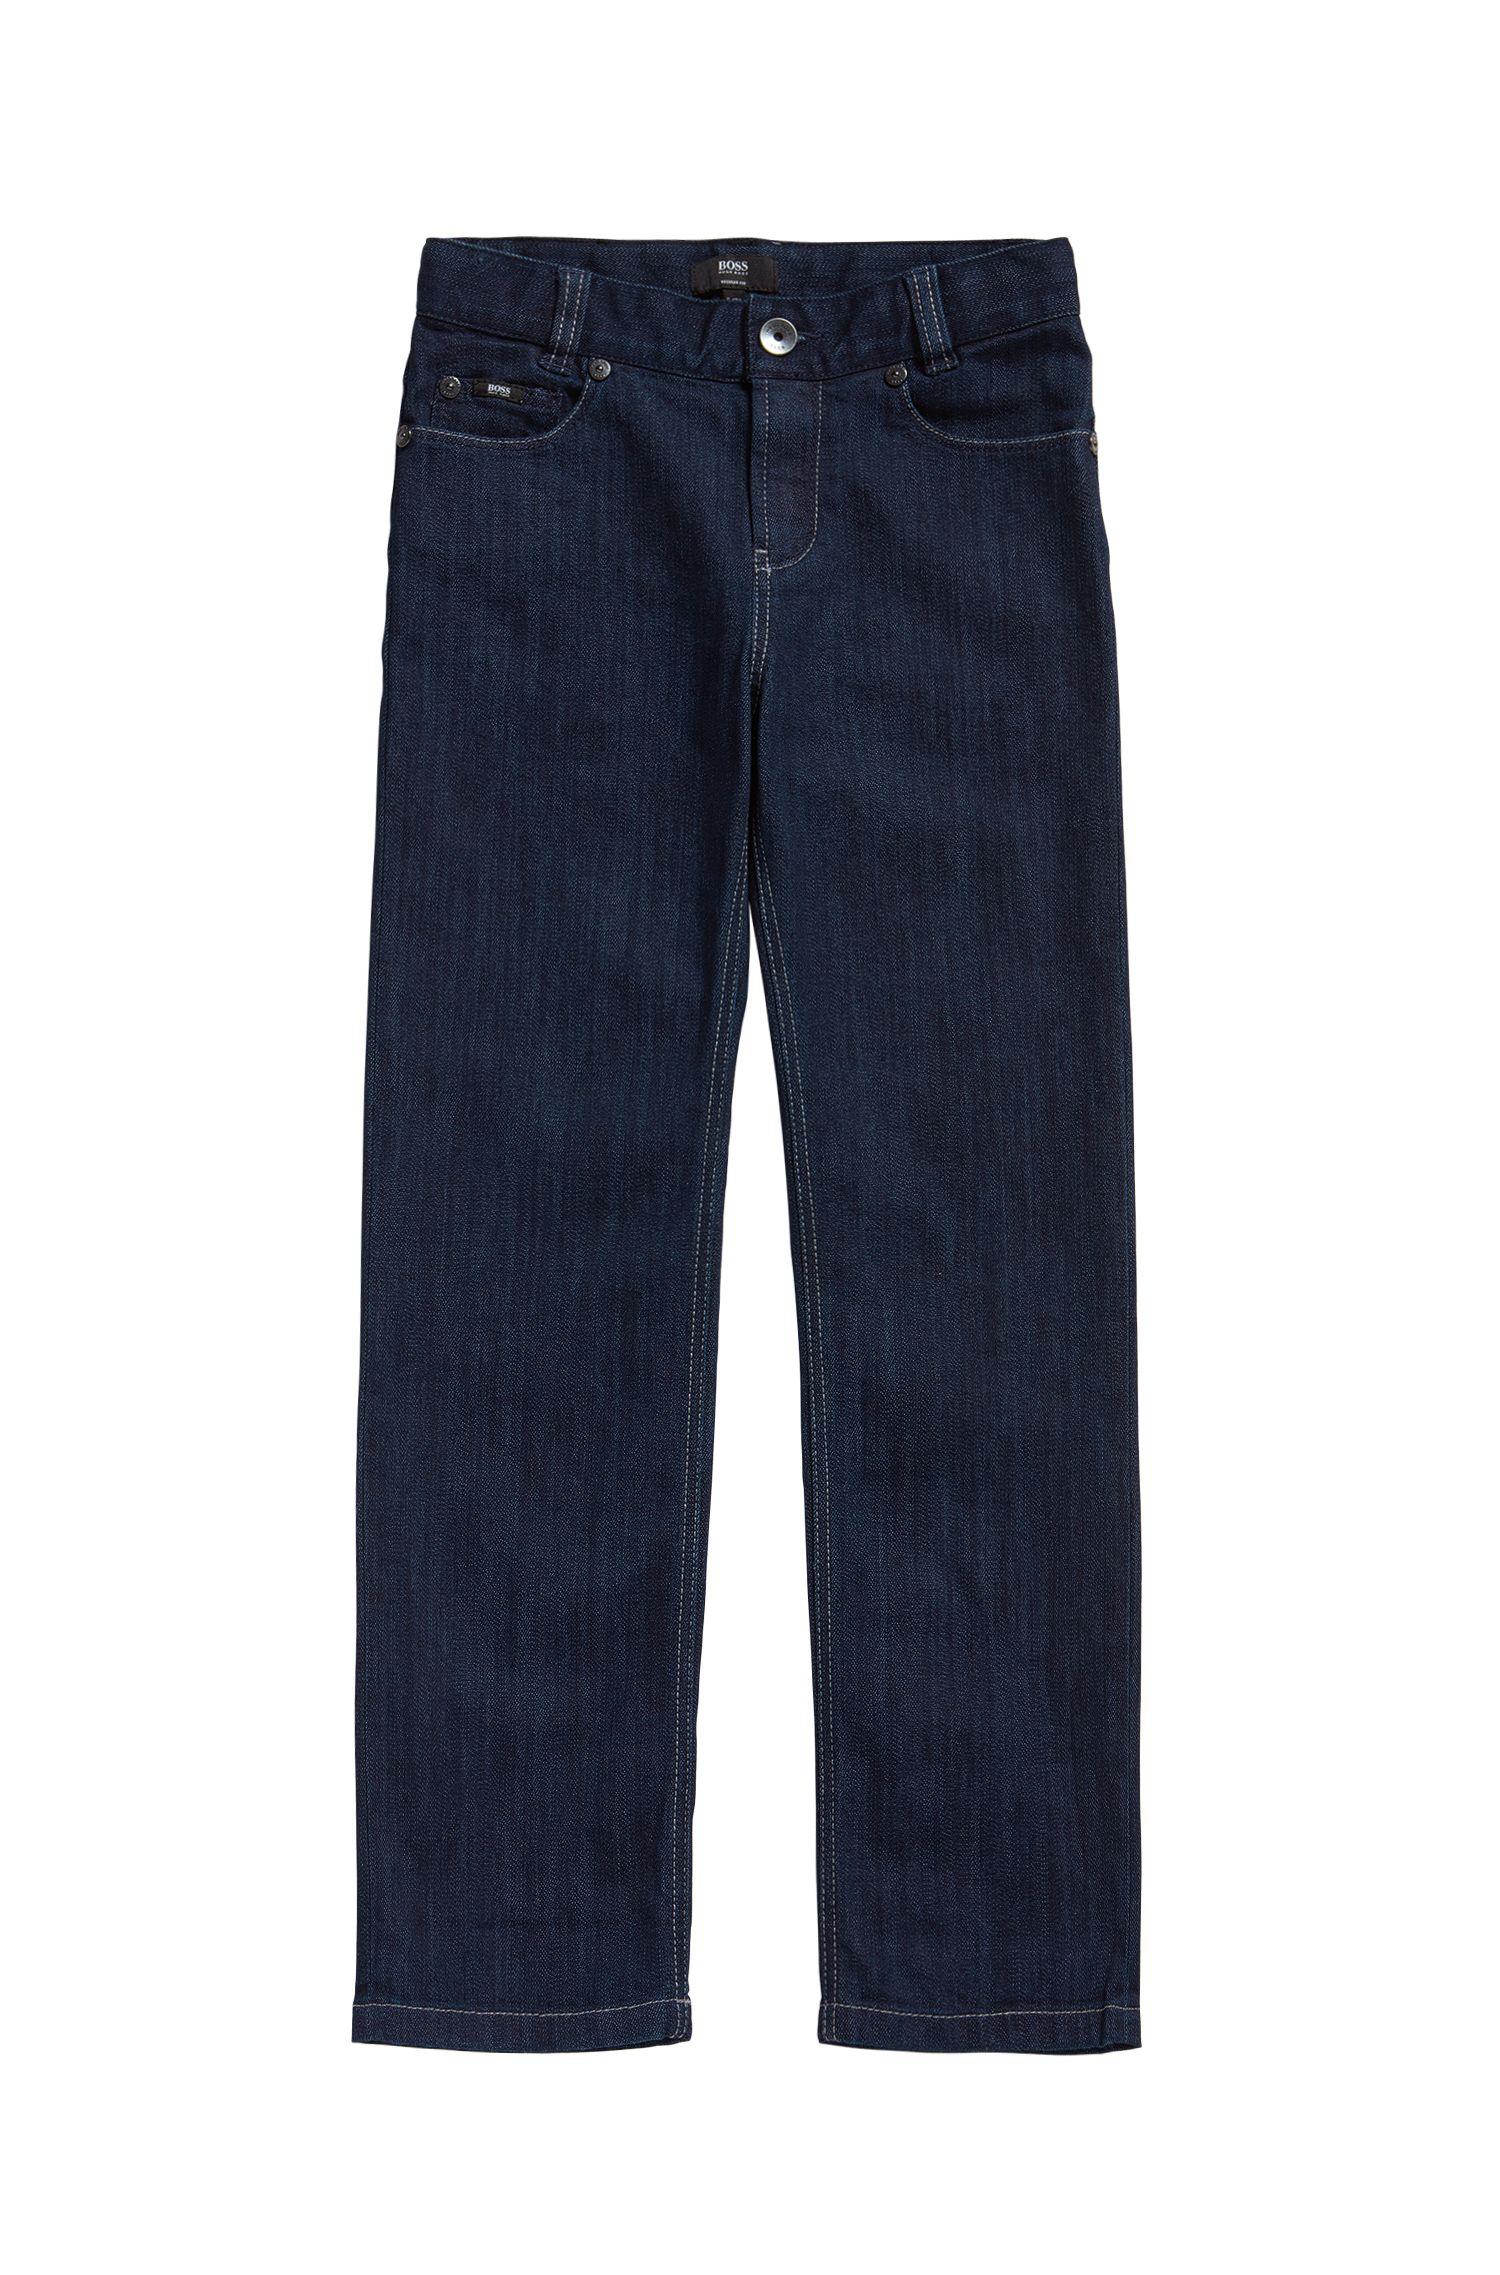 Jeans pour enfant en coton mélangé extensible agrémenté de coutures contrastantes: «J24425»